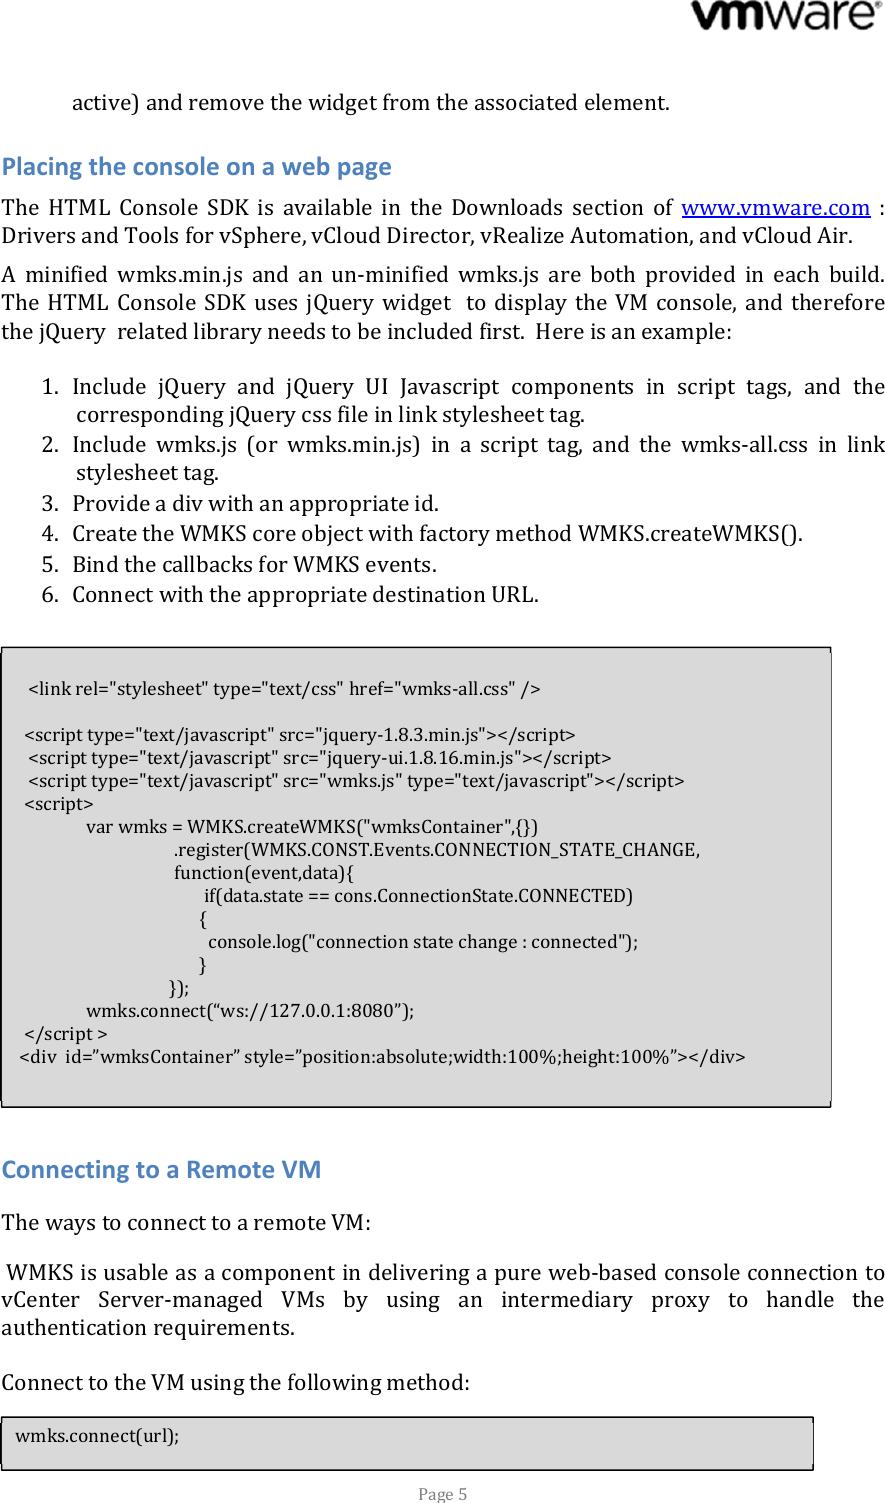 WMKS_SDK_Programming_Guidex Html console sdk 210 programmer